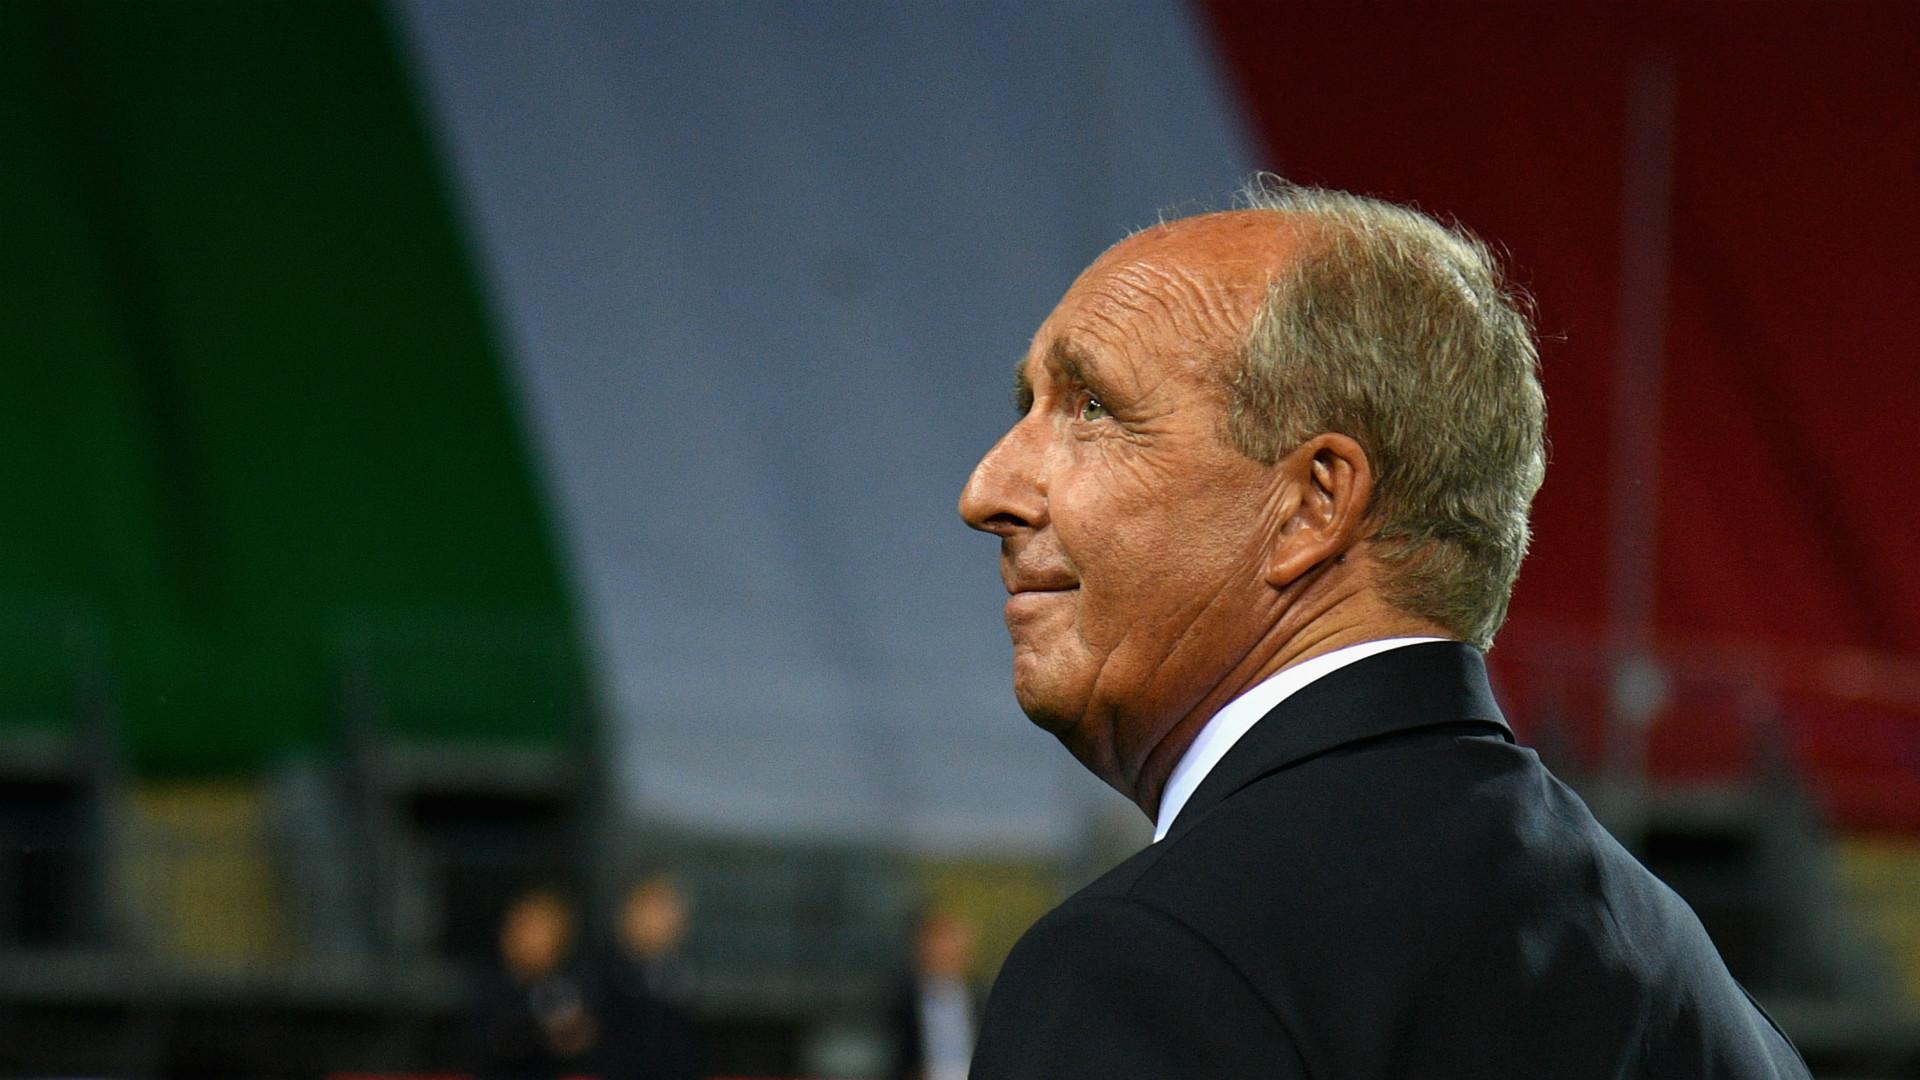 Italia, Maldini nuovo Team Manager: attesa risposta ufficiale